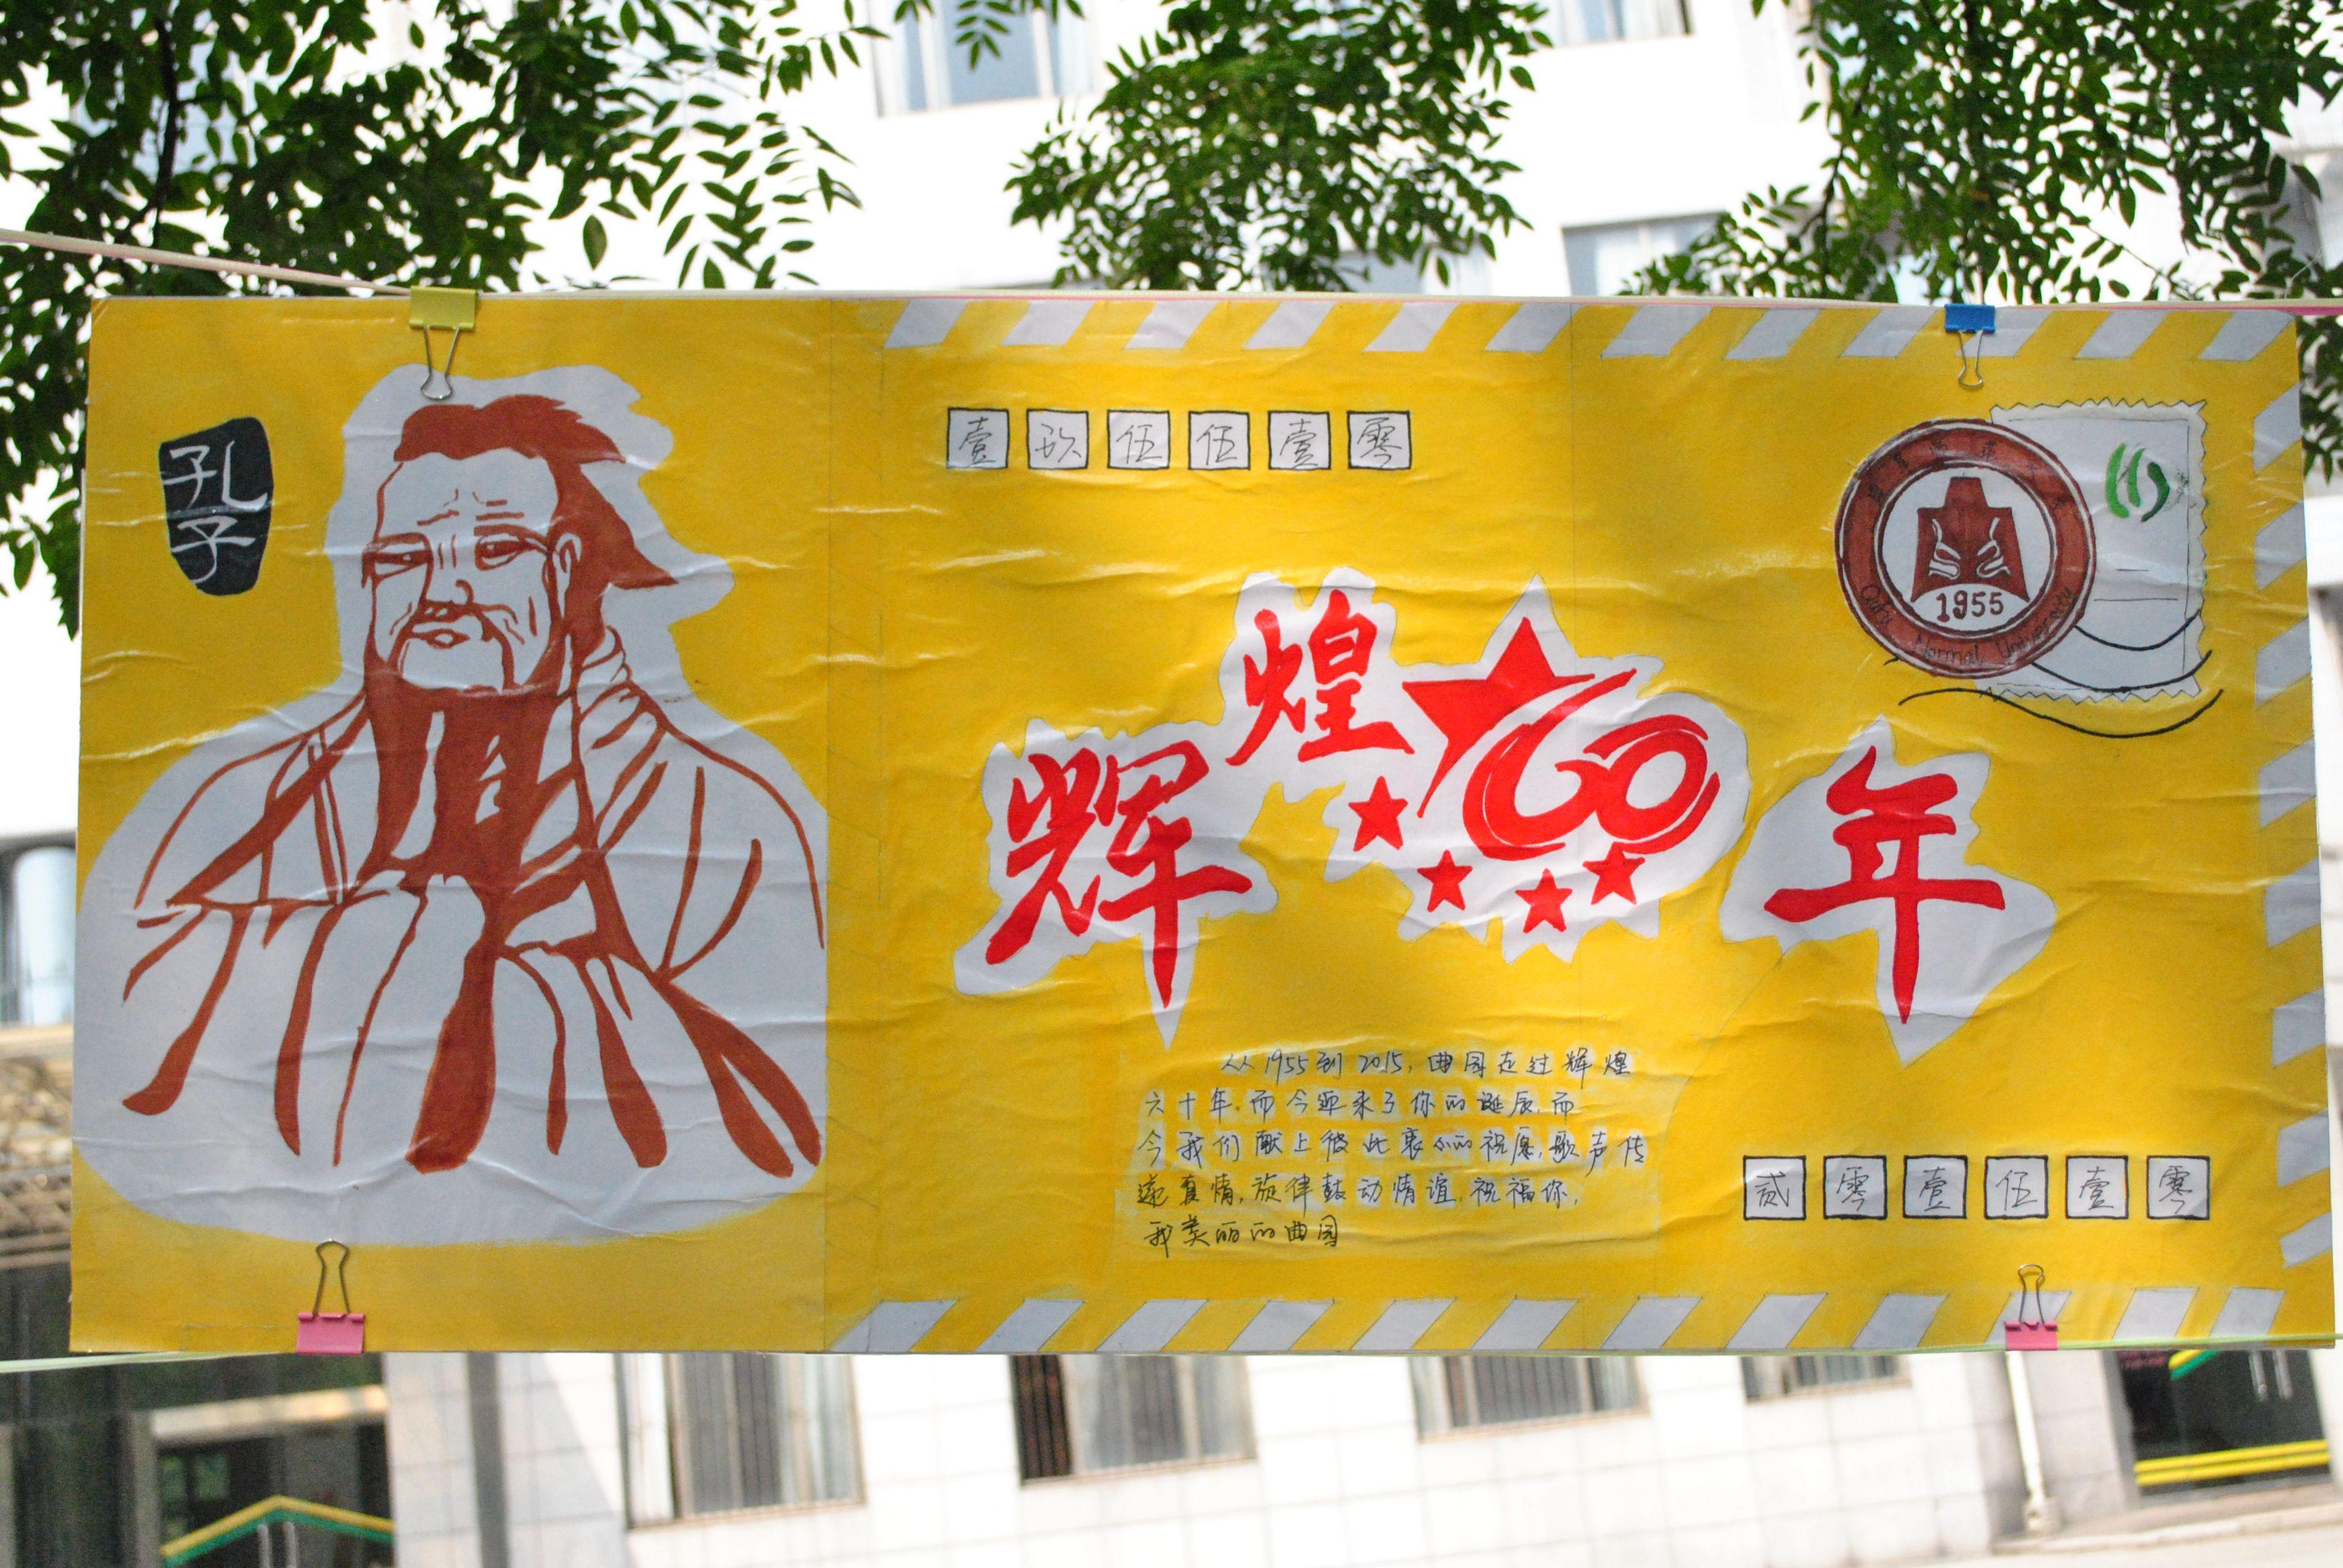 """""""舞动校庆""""之民族舞表演,《曲园草木》赠售活动,甲子曲园展板展示等"""